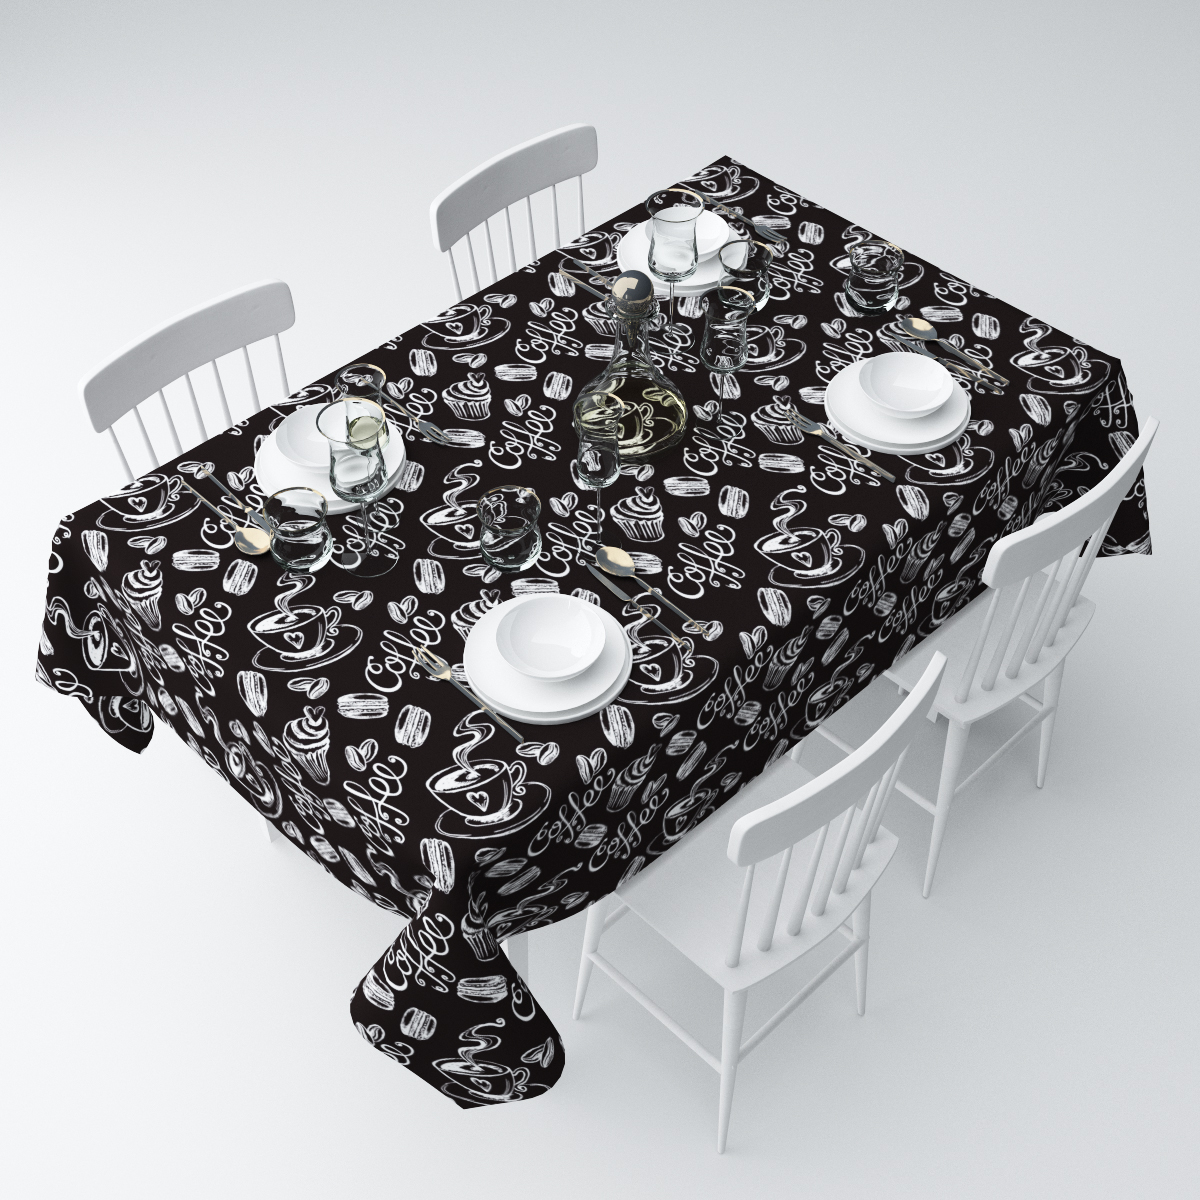 Скатерть Сирень Черный кофе, прямоугольная, 145 х 220 смСКГБ004-05233Прямоугольная скатерть Сирень Черный кофе, выполненная из габардина с ярким рисунком, преобразит вашу кухню, визуально расширит пространство, создаст атмосферу радости и комфорта. Рекомендации по уходу: стирка при 30 градусах, гладить при температуре до 110 градусов.Размер скатерти: 145 х 220 см. Изображение может немного отличаться от реального.